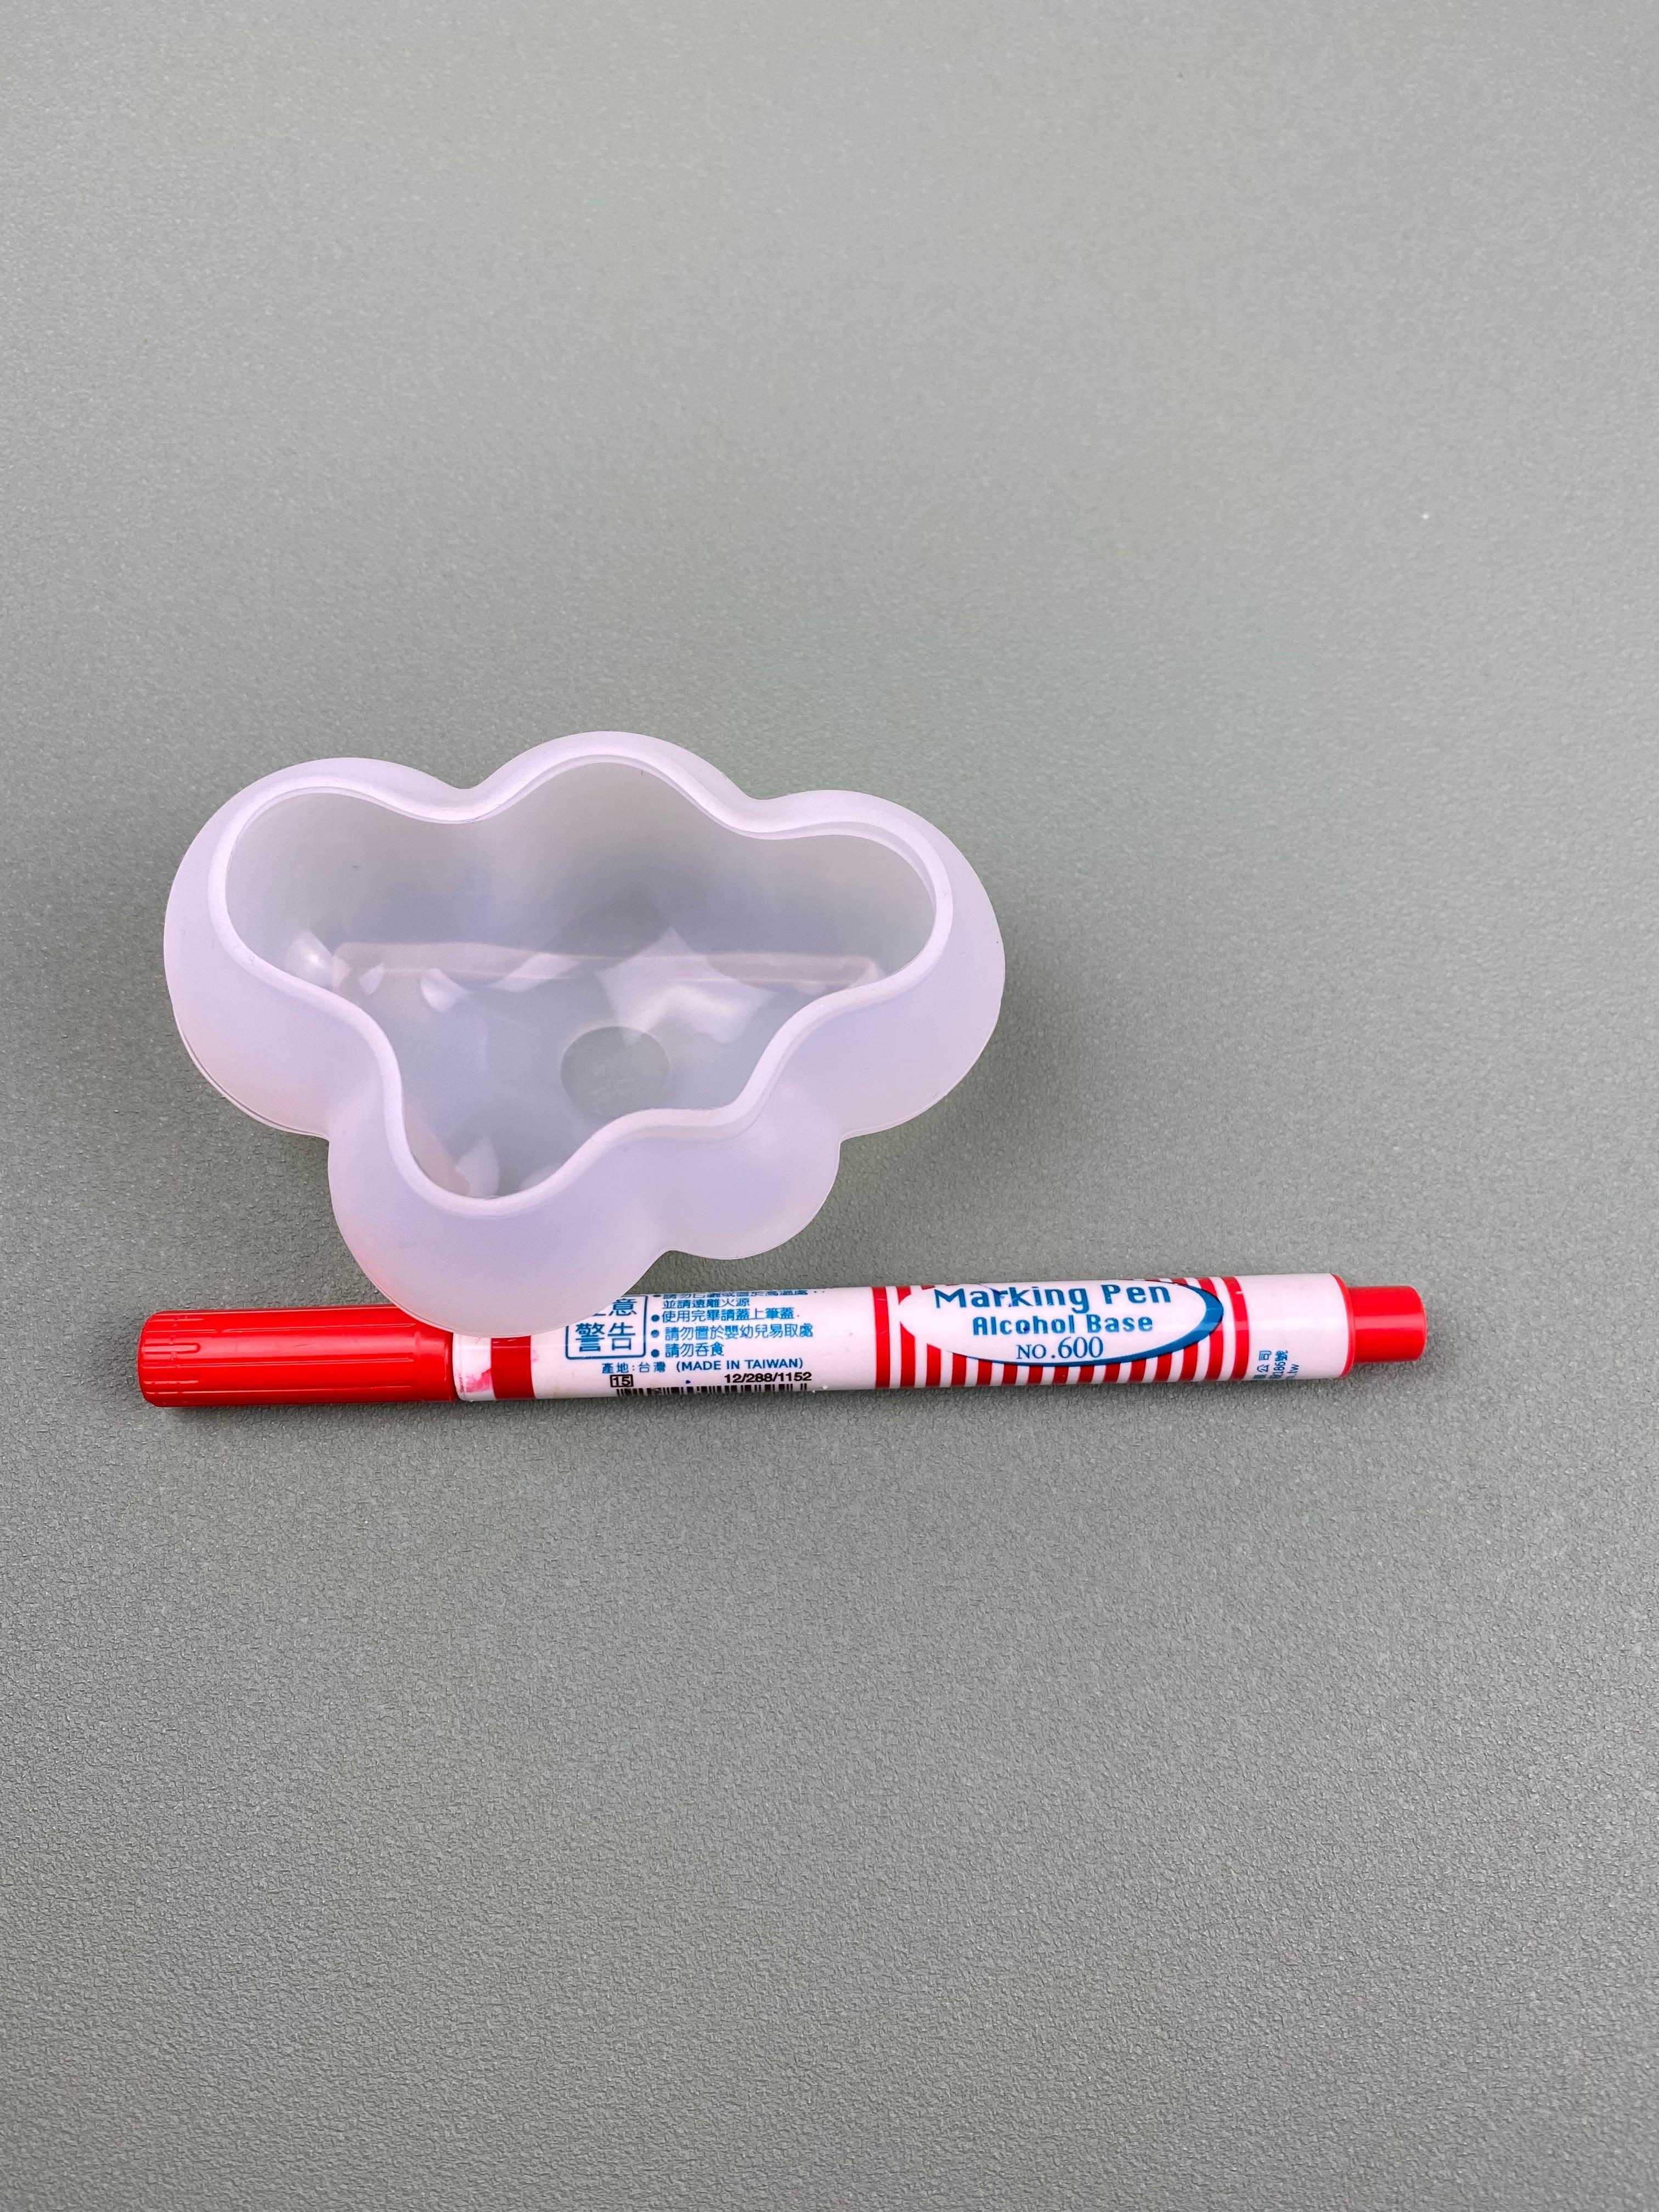 雲朵 模具 大 矽膠模具 手工皂 MP皂 水晶滴膠模具 全新